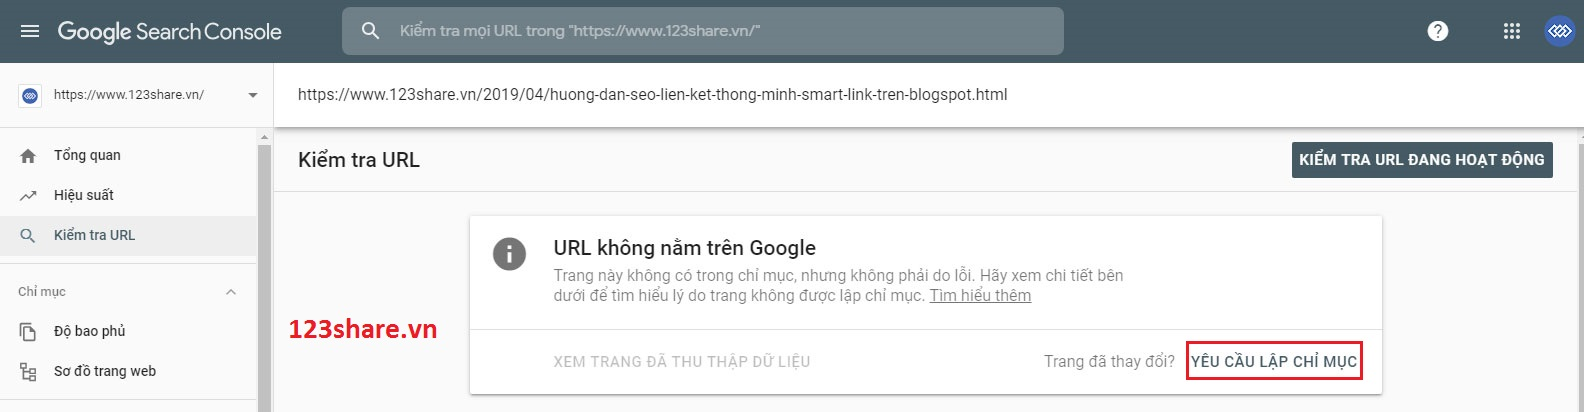 Hướng dẫn SEO bài viết lên Google chỉ trong vài phút